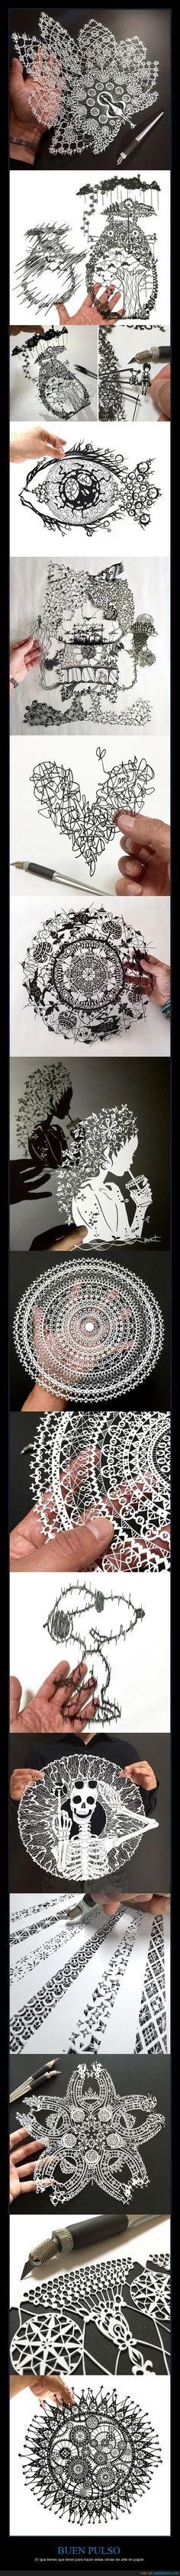 Es alucinante lo que consigue con solo un cutter y papel - El que tienes que tener para hacer estas obras de arte en papel